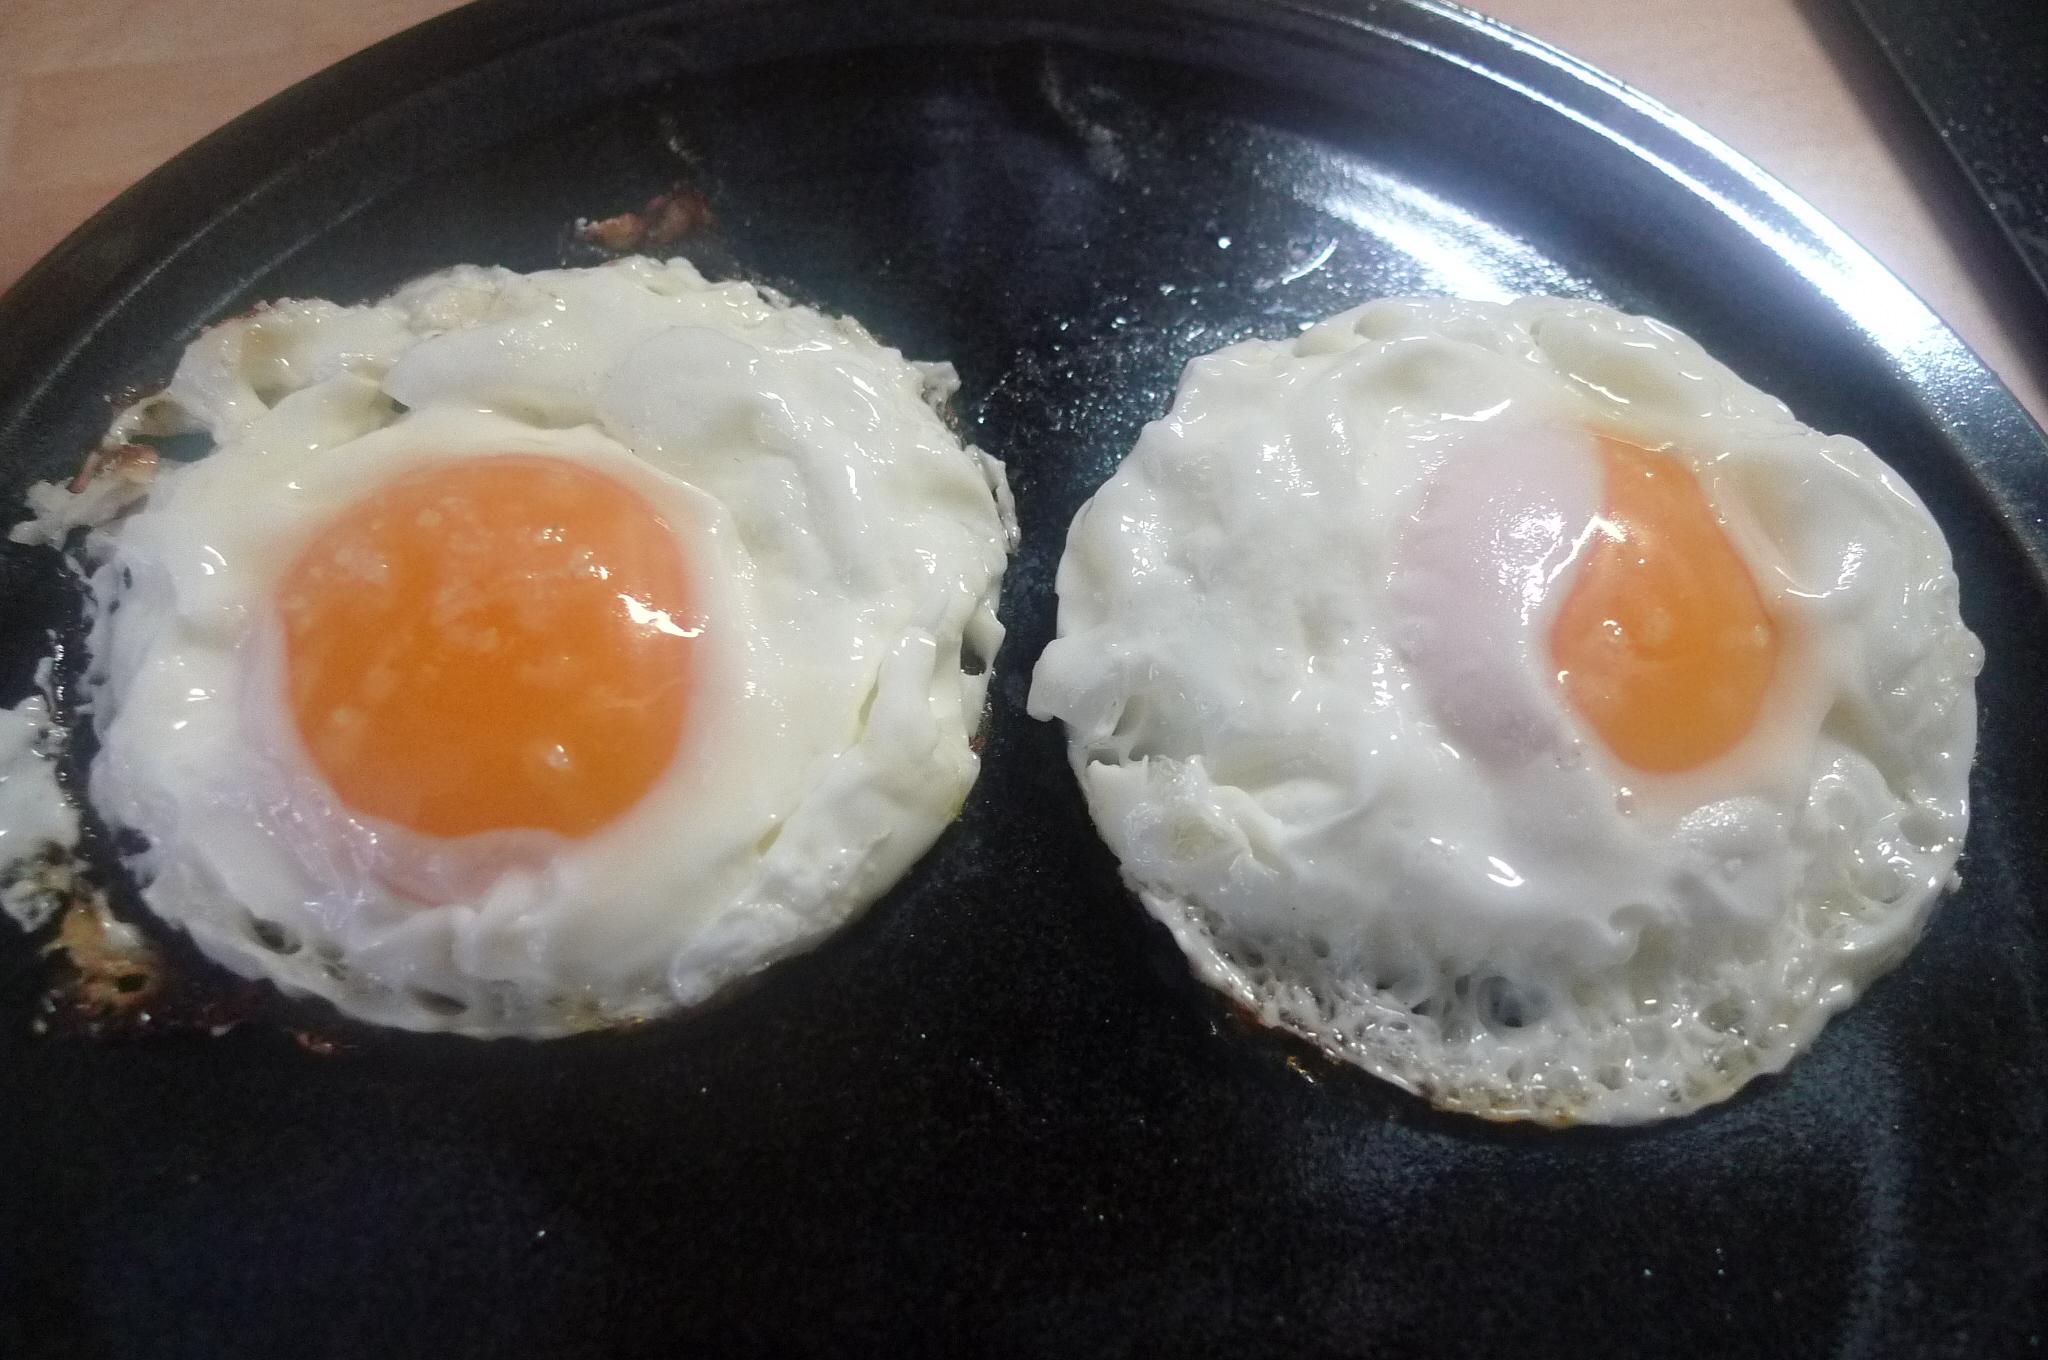 Kohlrabigemüse,Spiegelei,Kartoffel -18.9.14   (5)